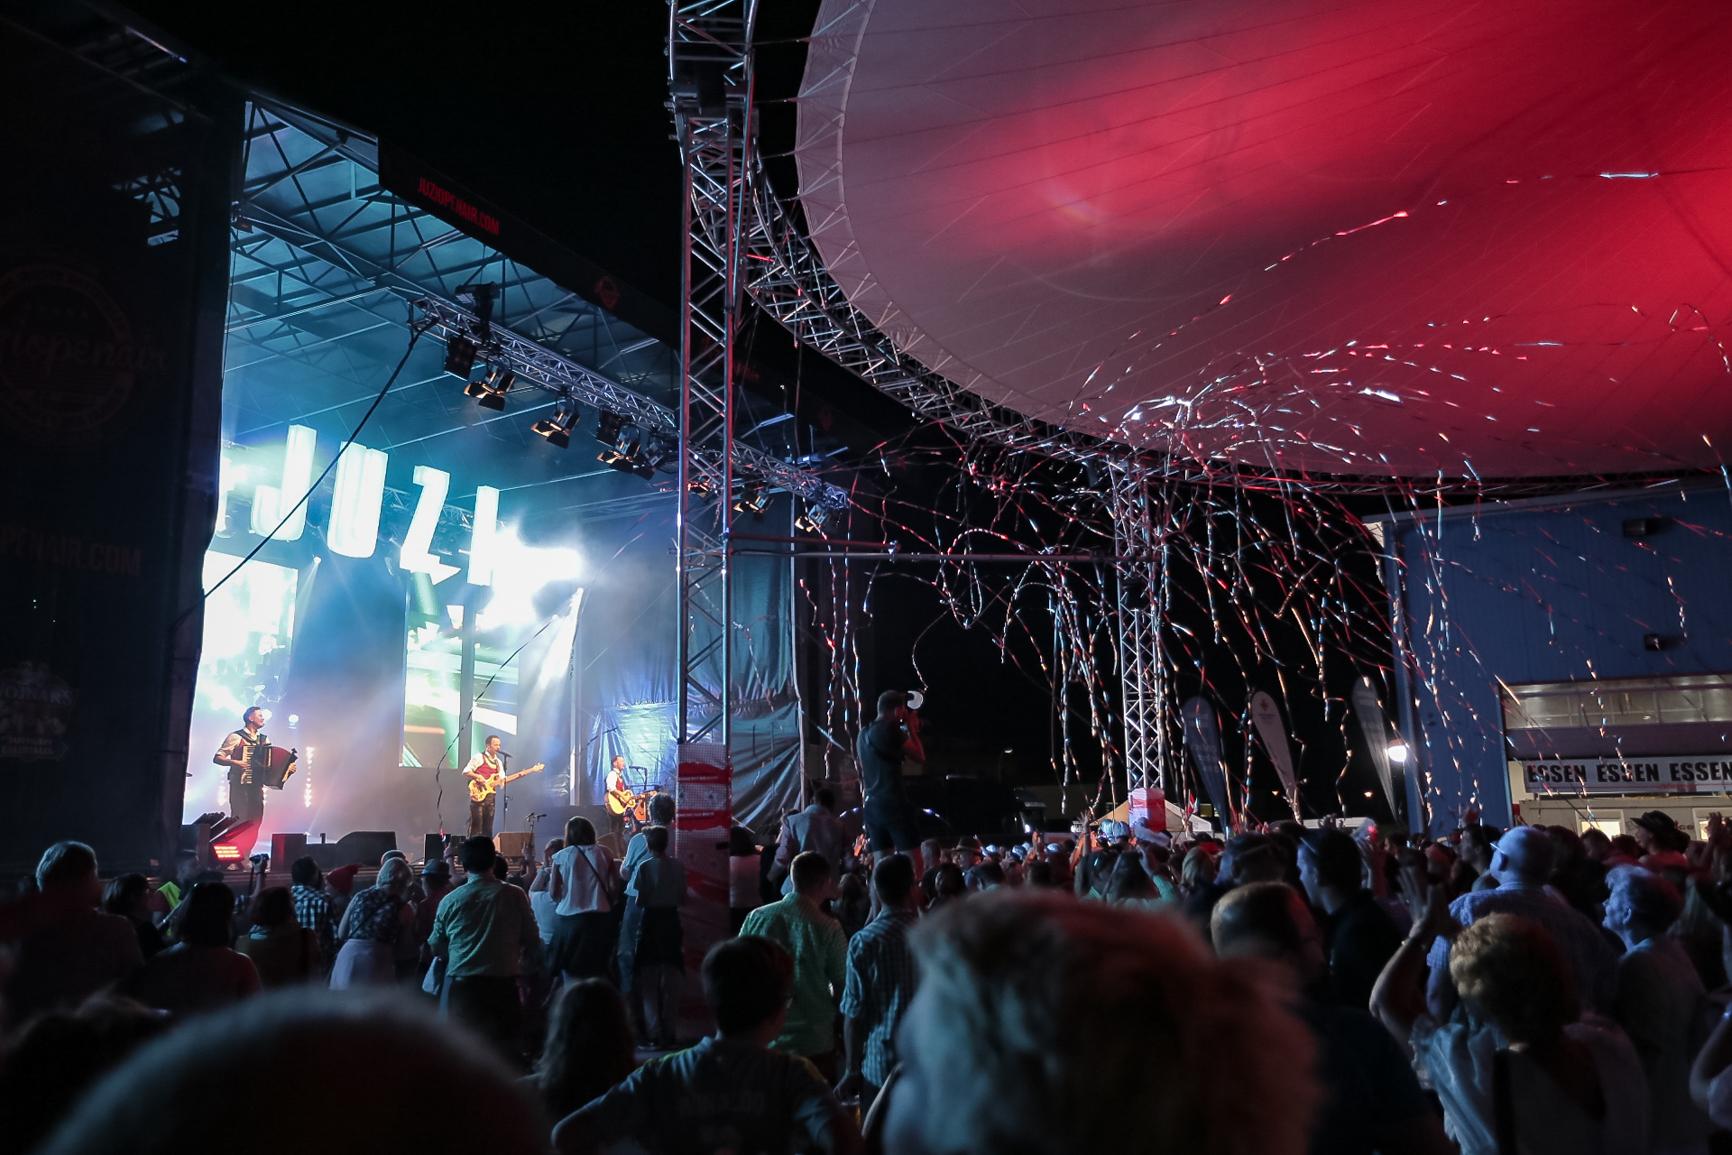 Riesenshow beim JUZIopenair 2018, Die jungen Zillertaler. (C) www.weiss-pr.at